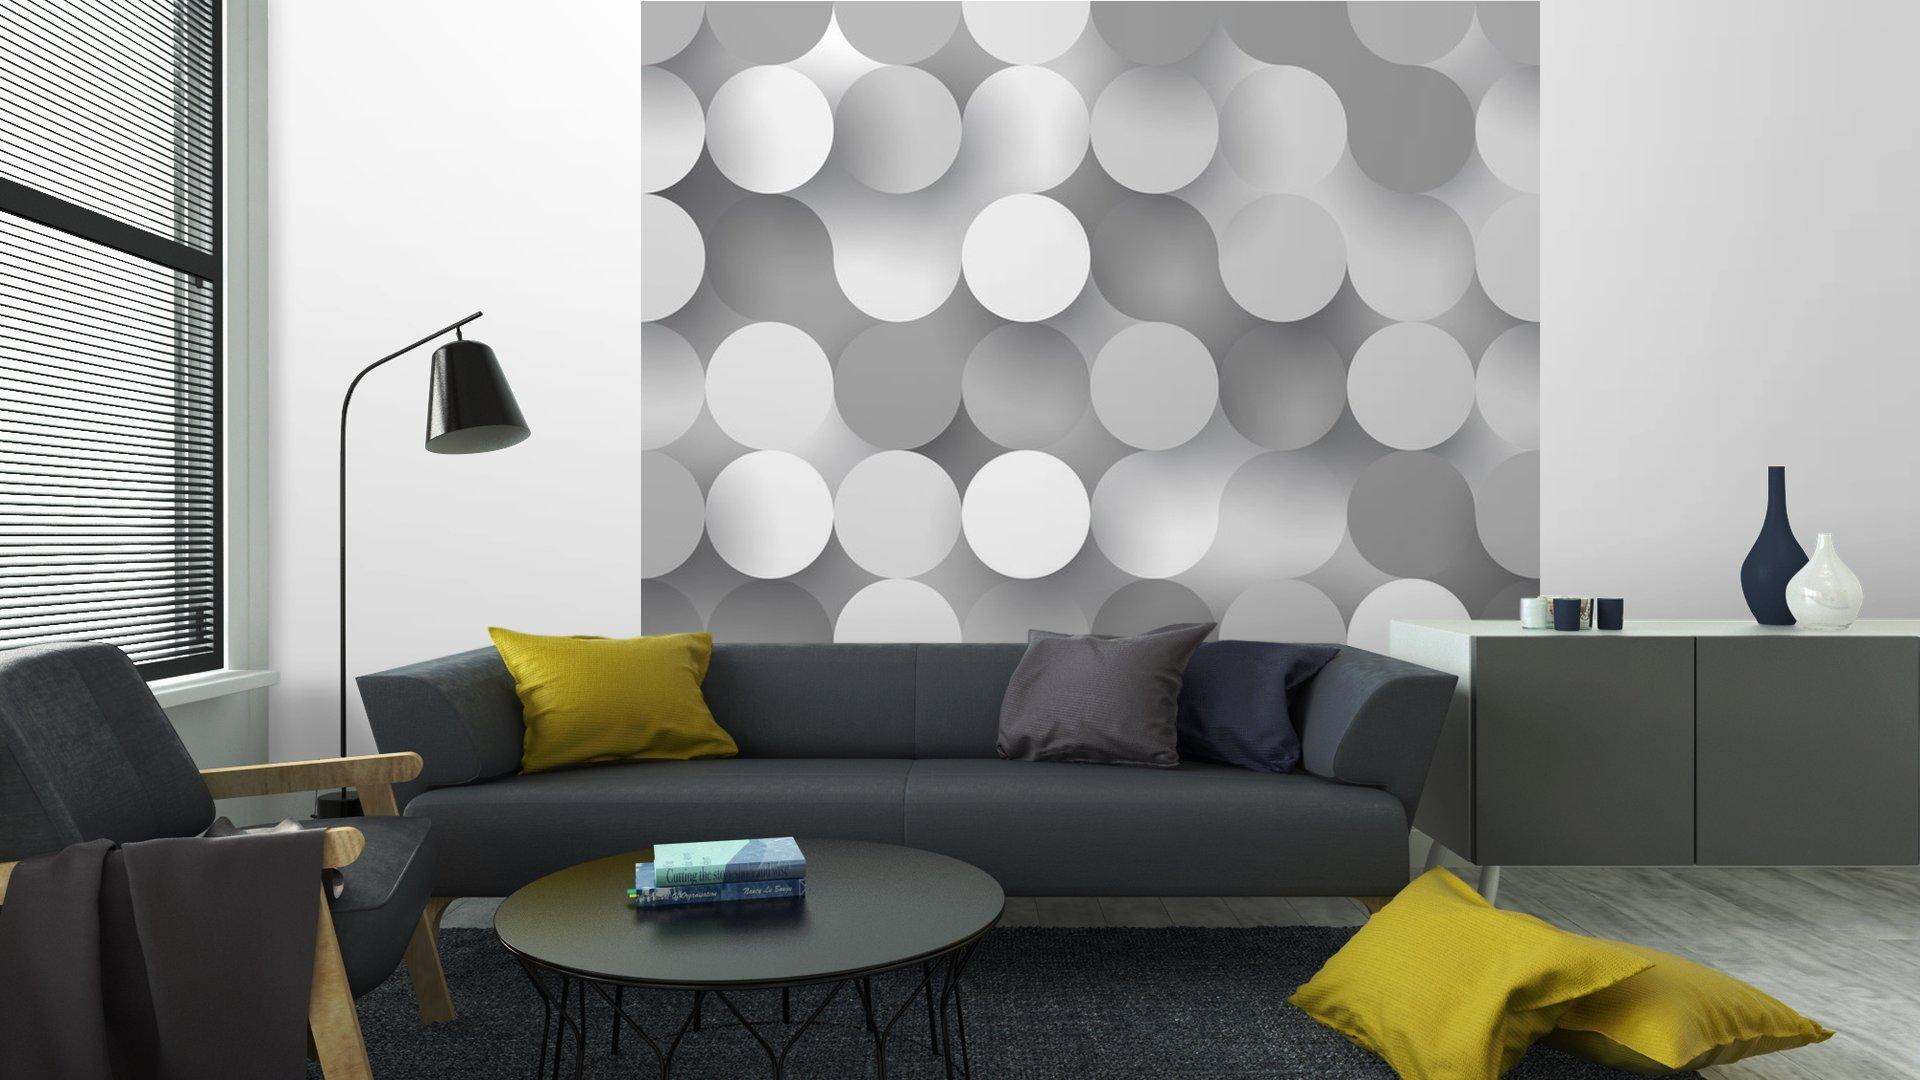 CÍRCULOS PLANAS SIN COSTURA6 - Fotomural Tapiz Tipo Abstracto Fondo Blanco